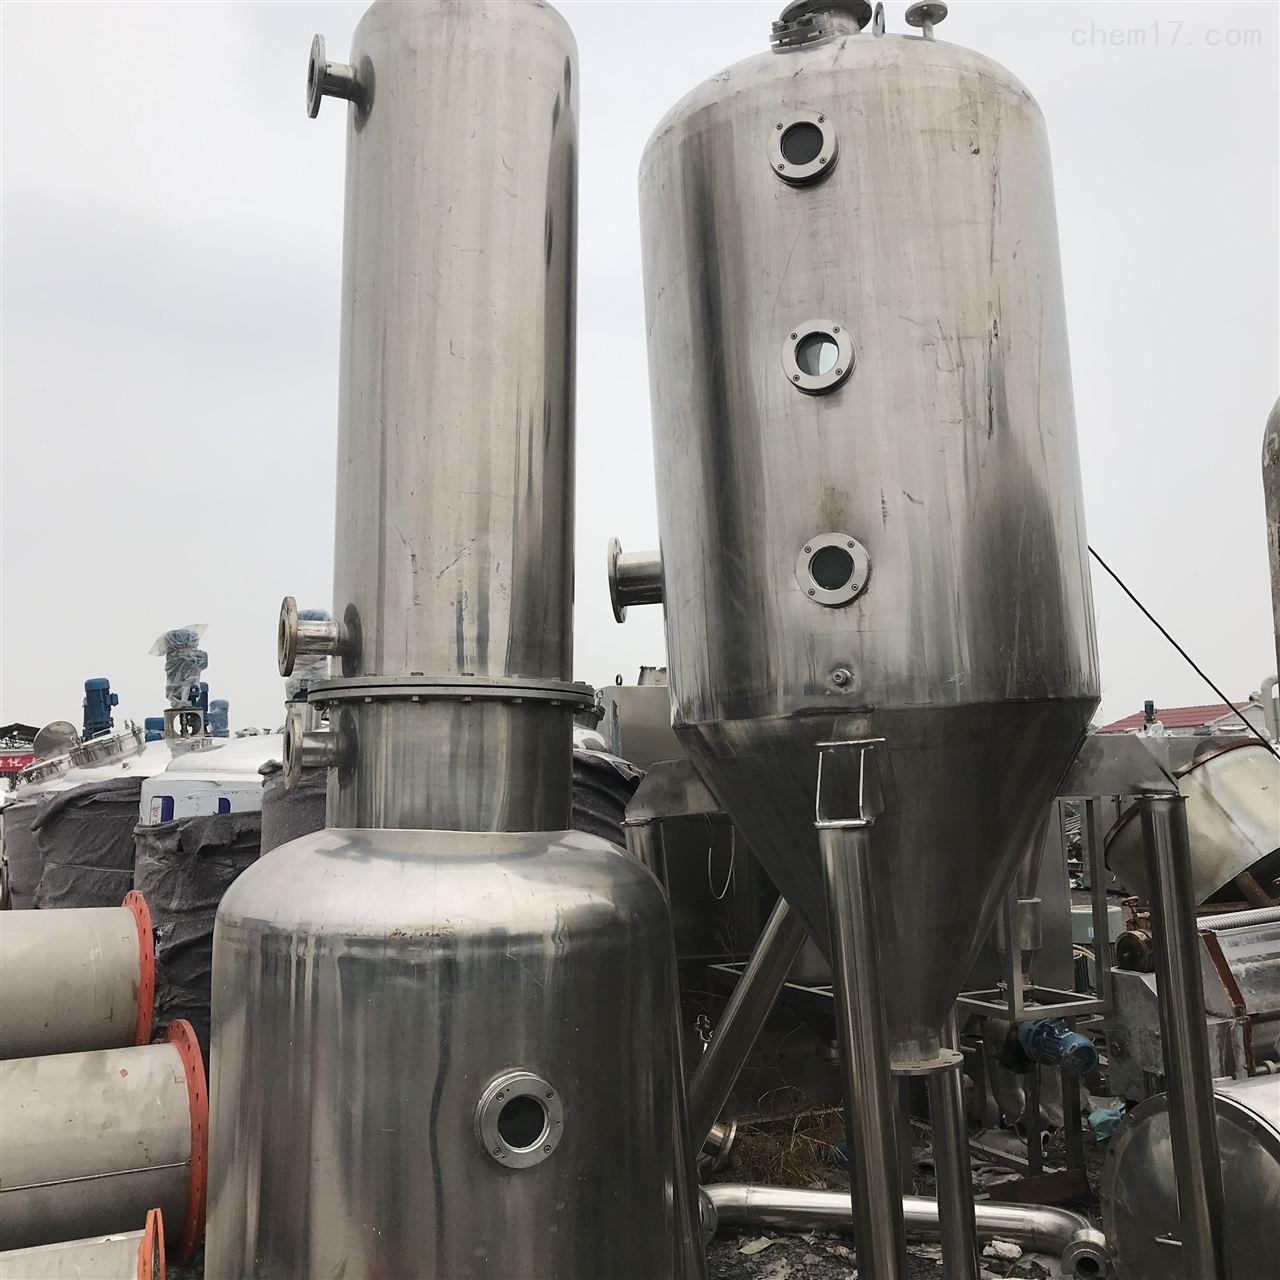 转让闲置二手降膜蒸发器、不锈钢列管冷凝器